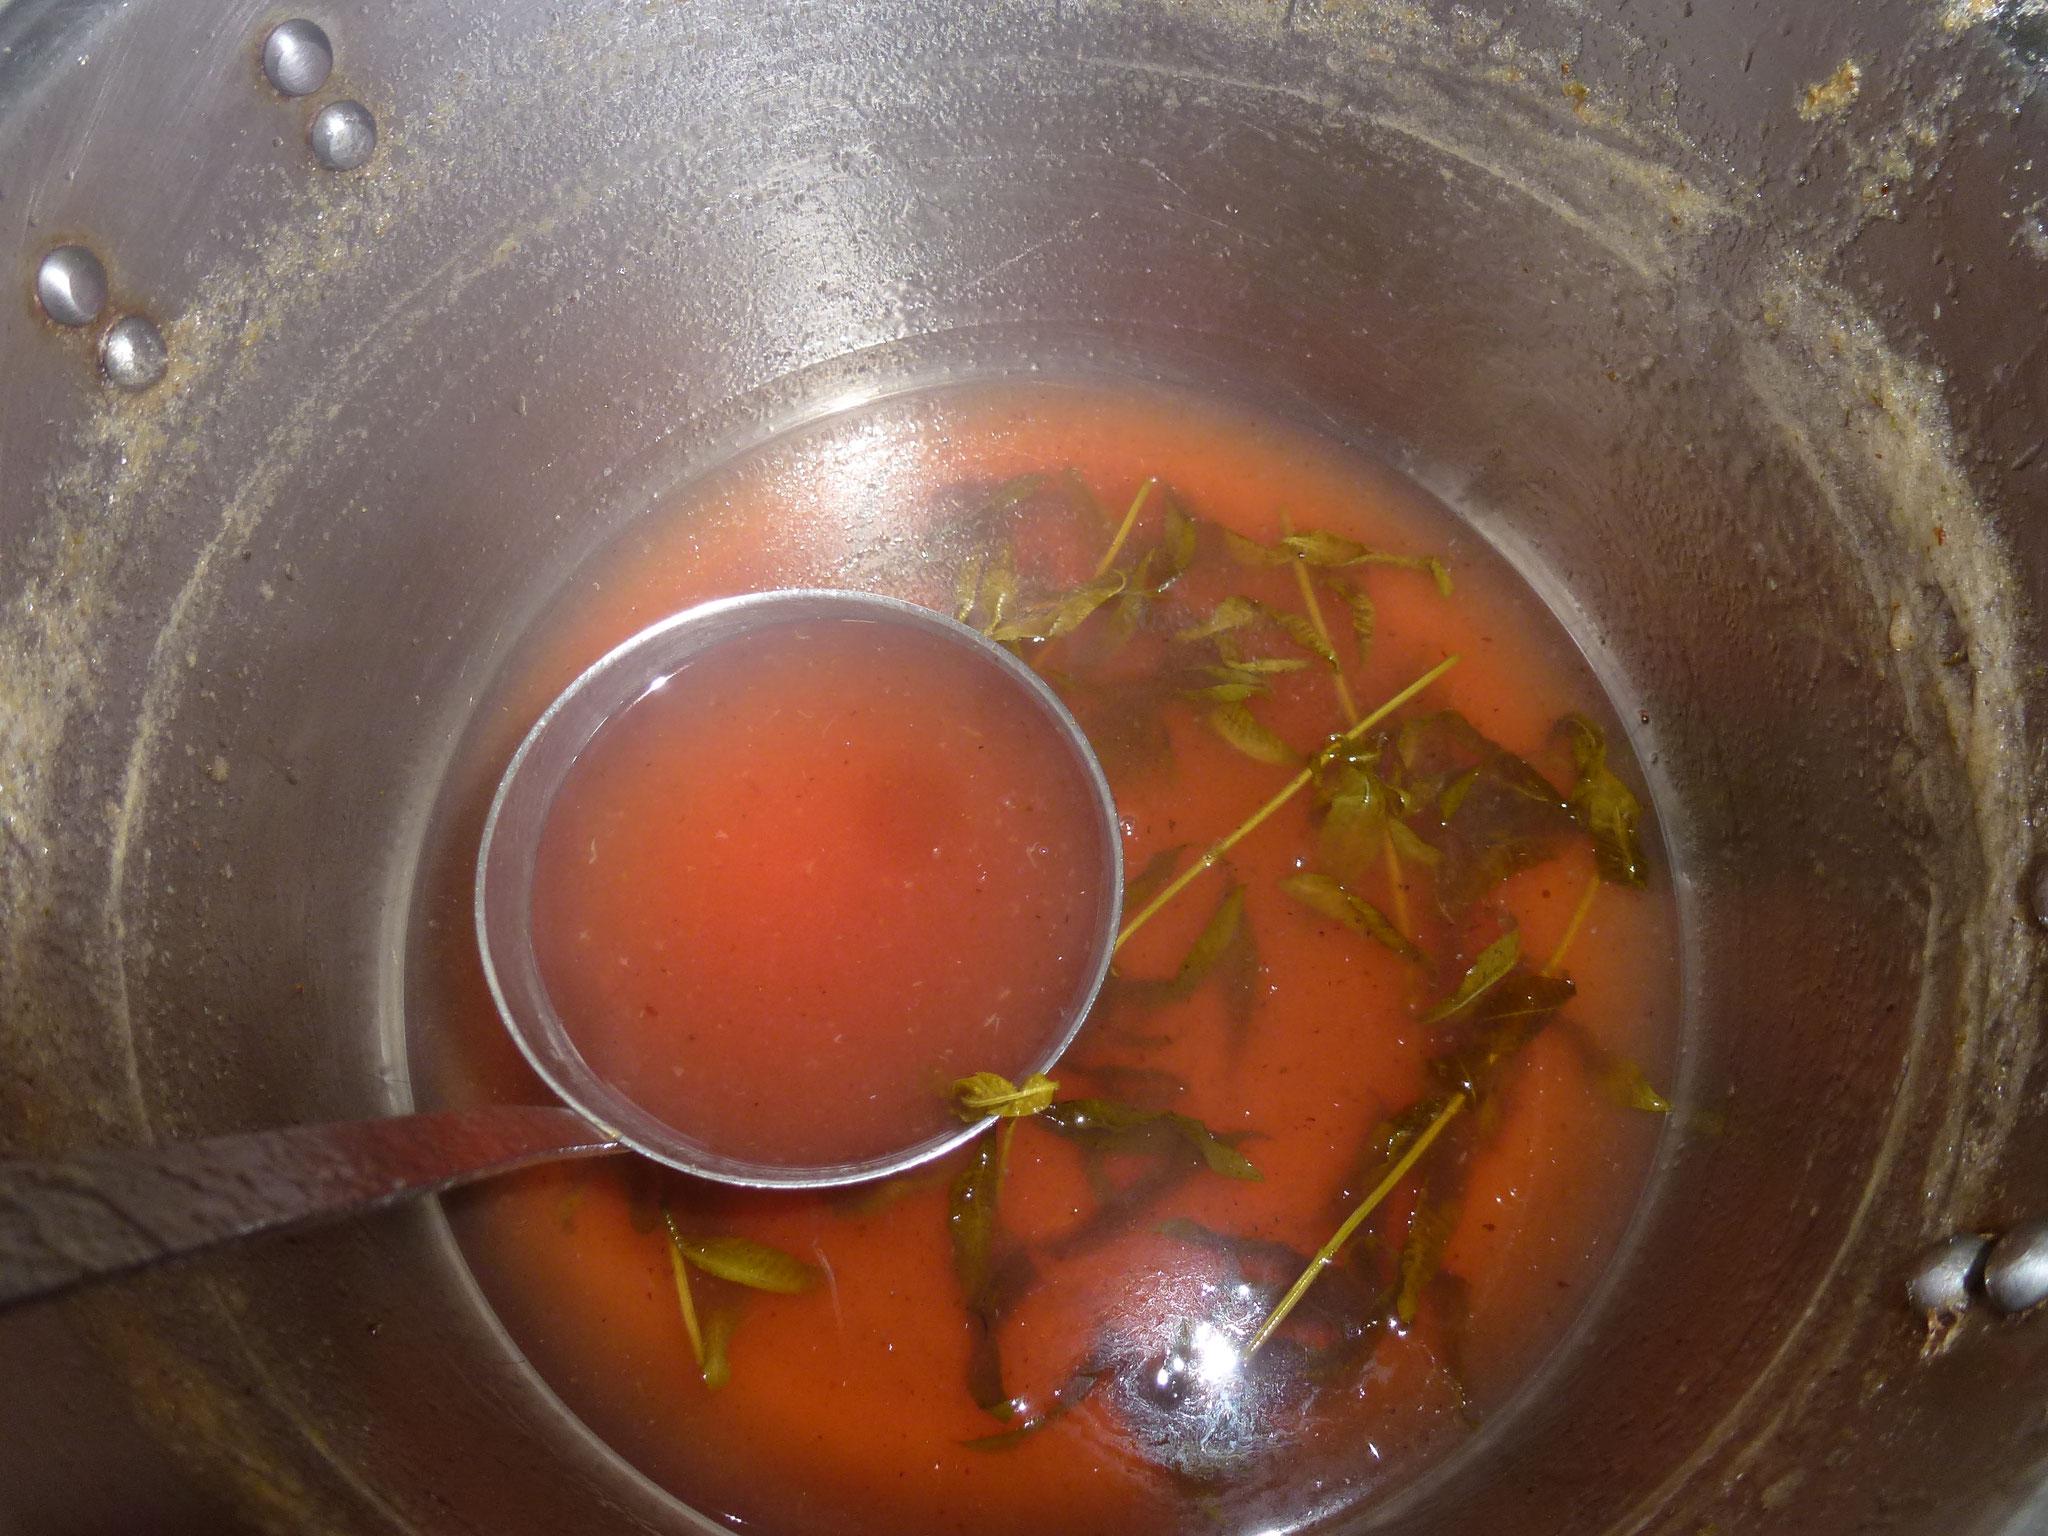 Cuisine ou crusine avec les plantes potagères, aromatiques ou sauvages